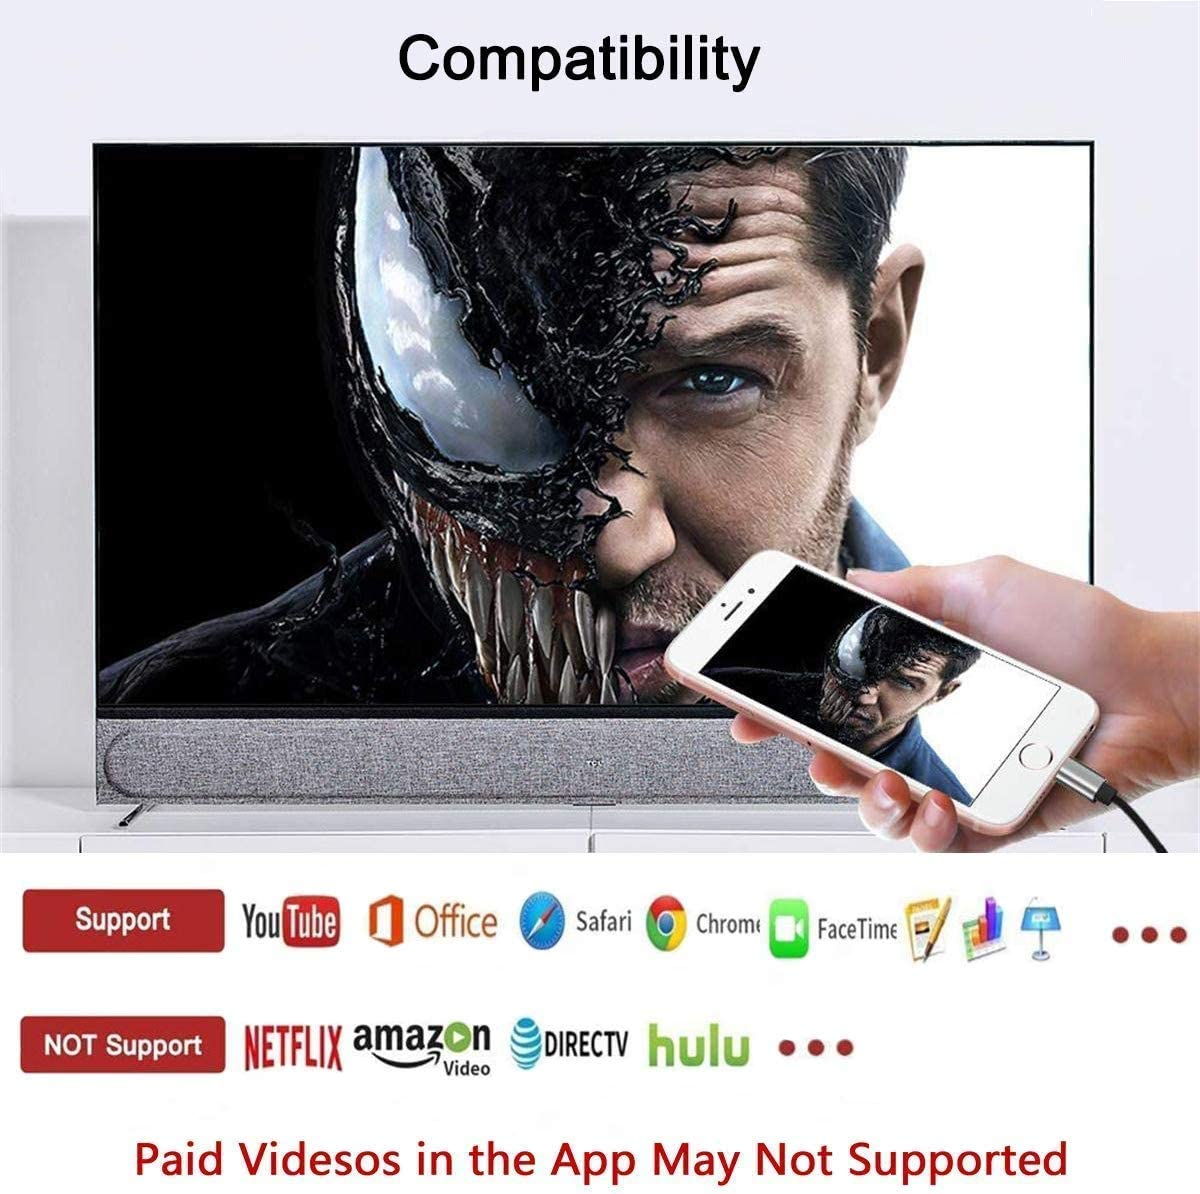 iPad Cable Adaptador HDMI Compatible con iPhone X 8 iPad Air 6 XS MAX XS iPod a Monitor de proyector de TV Pro iPod Touch XR 7 Adaptador HDMI para iPhone a TV Mini